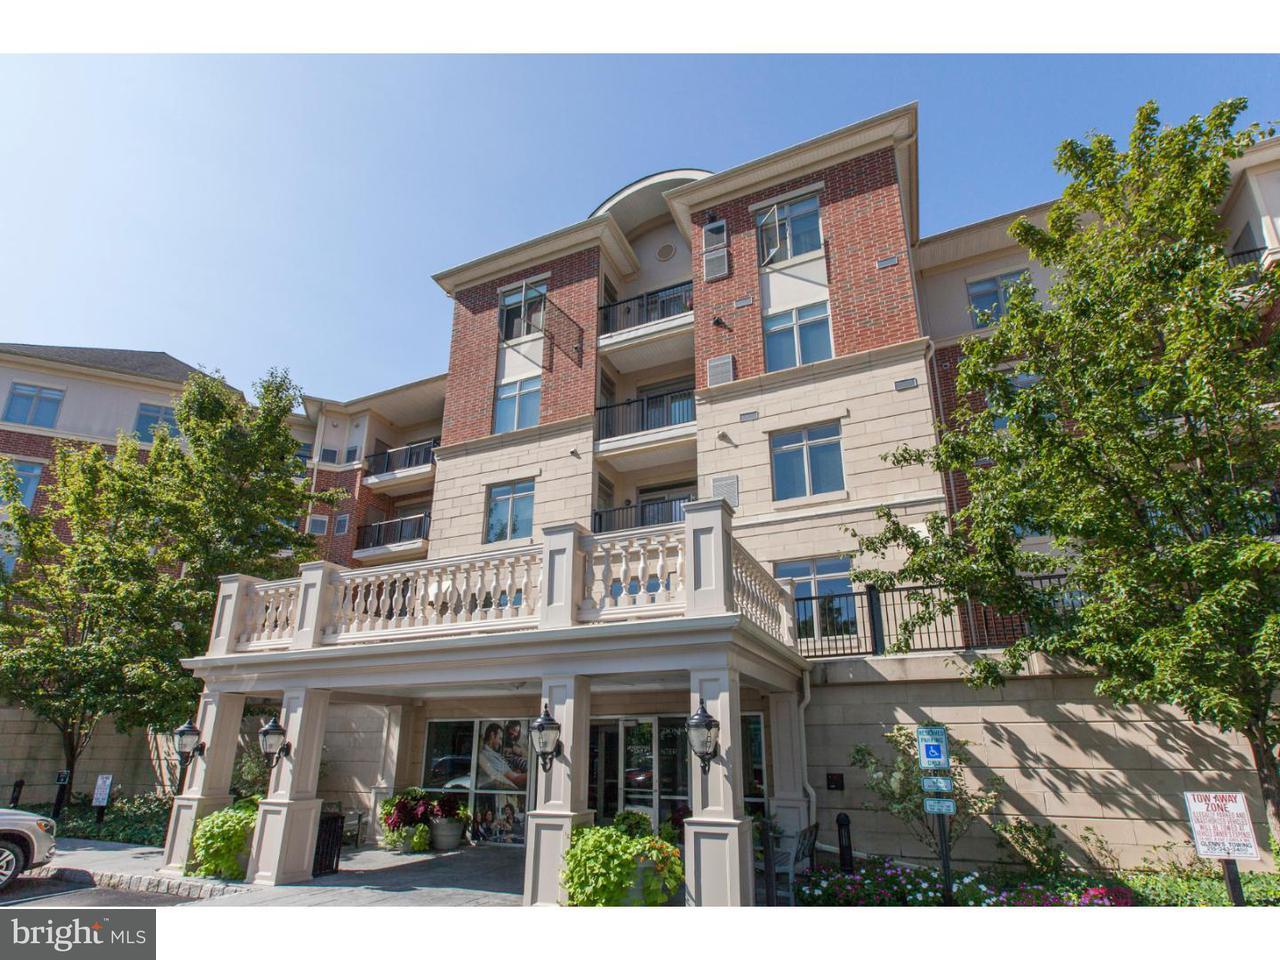 共管式独立产权公寓 为 出租 在 510 CARSON TER 亨廷顿谷, 宾夕法尼亚州 19006 美国